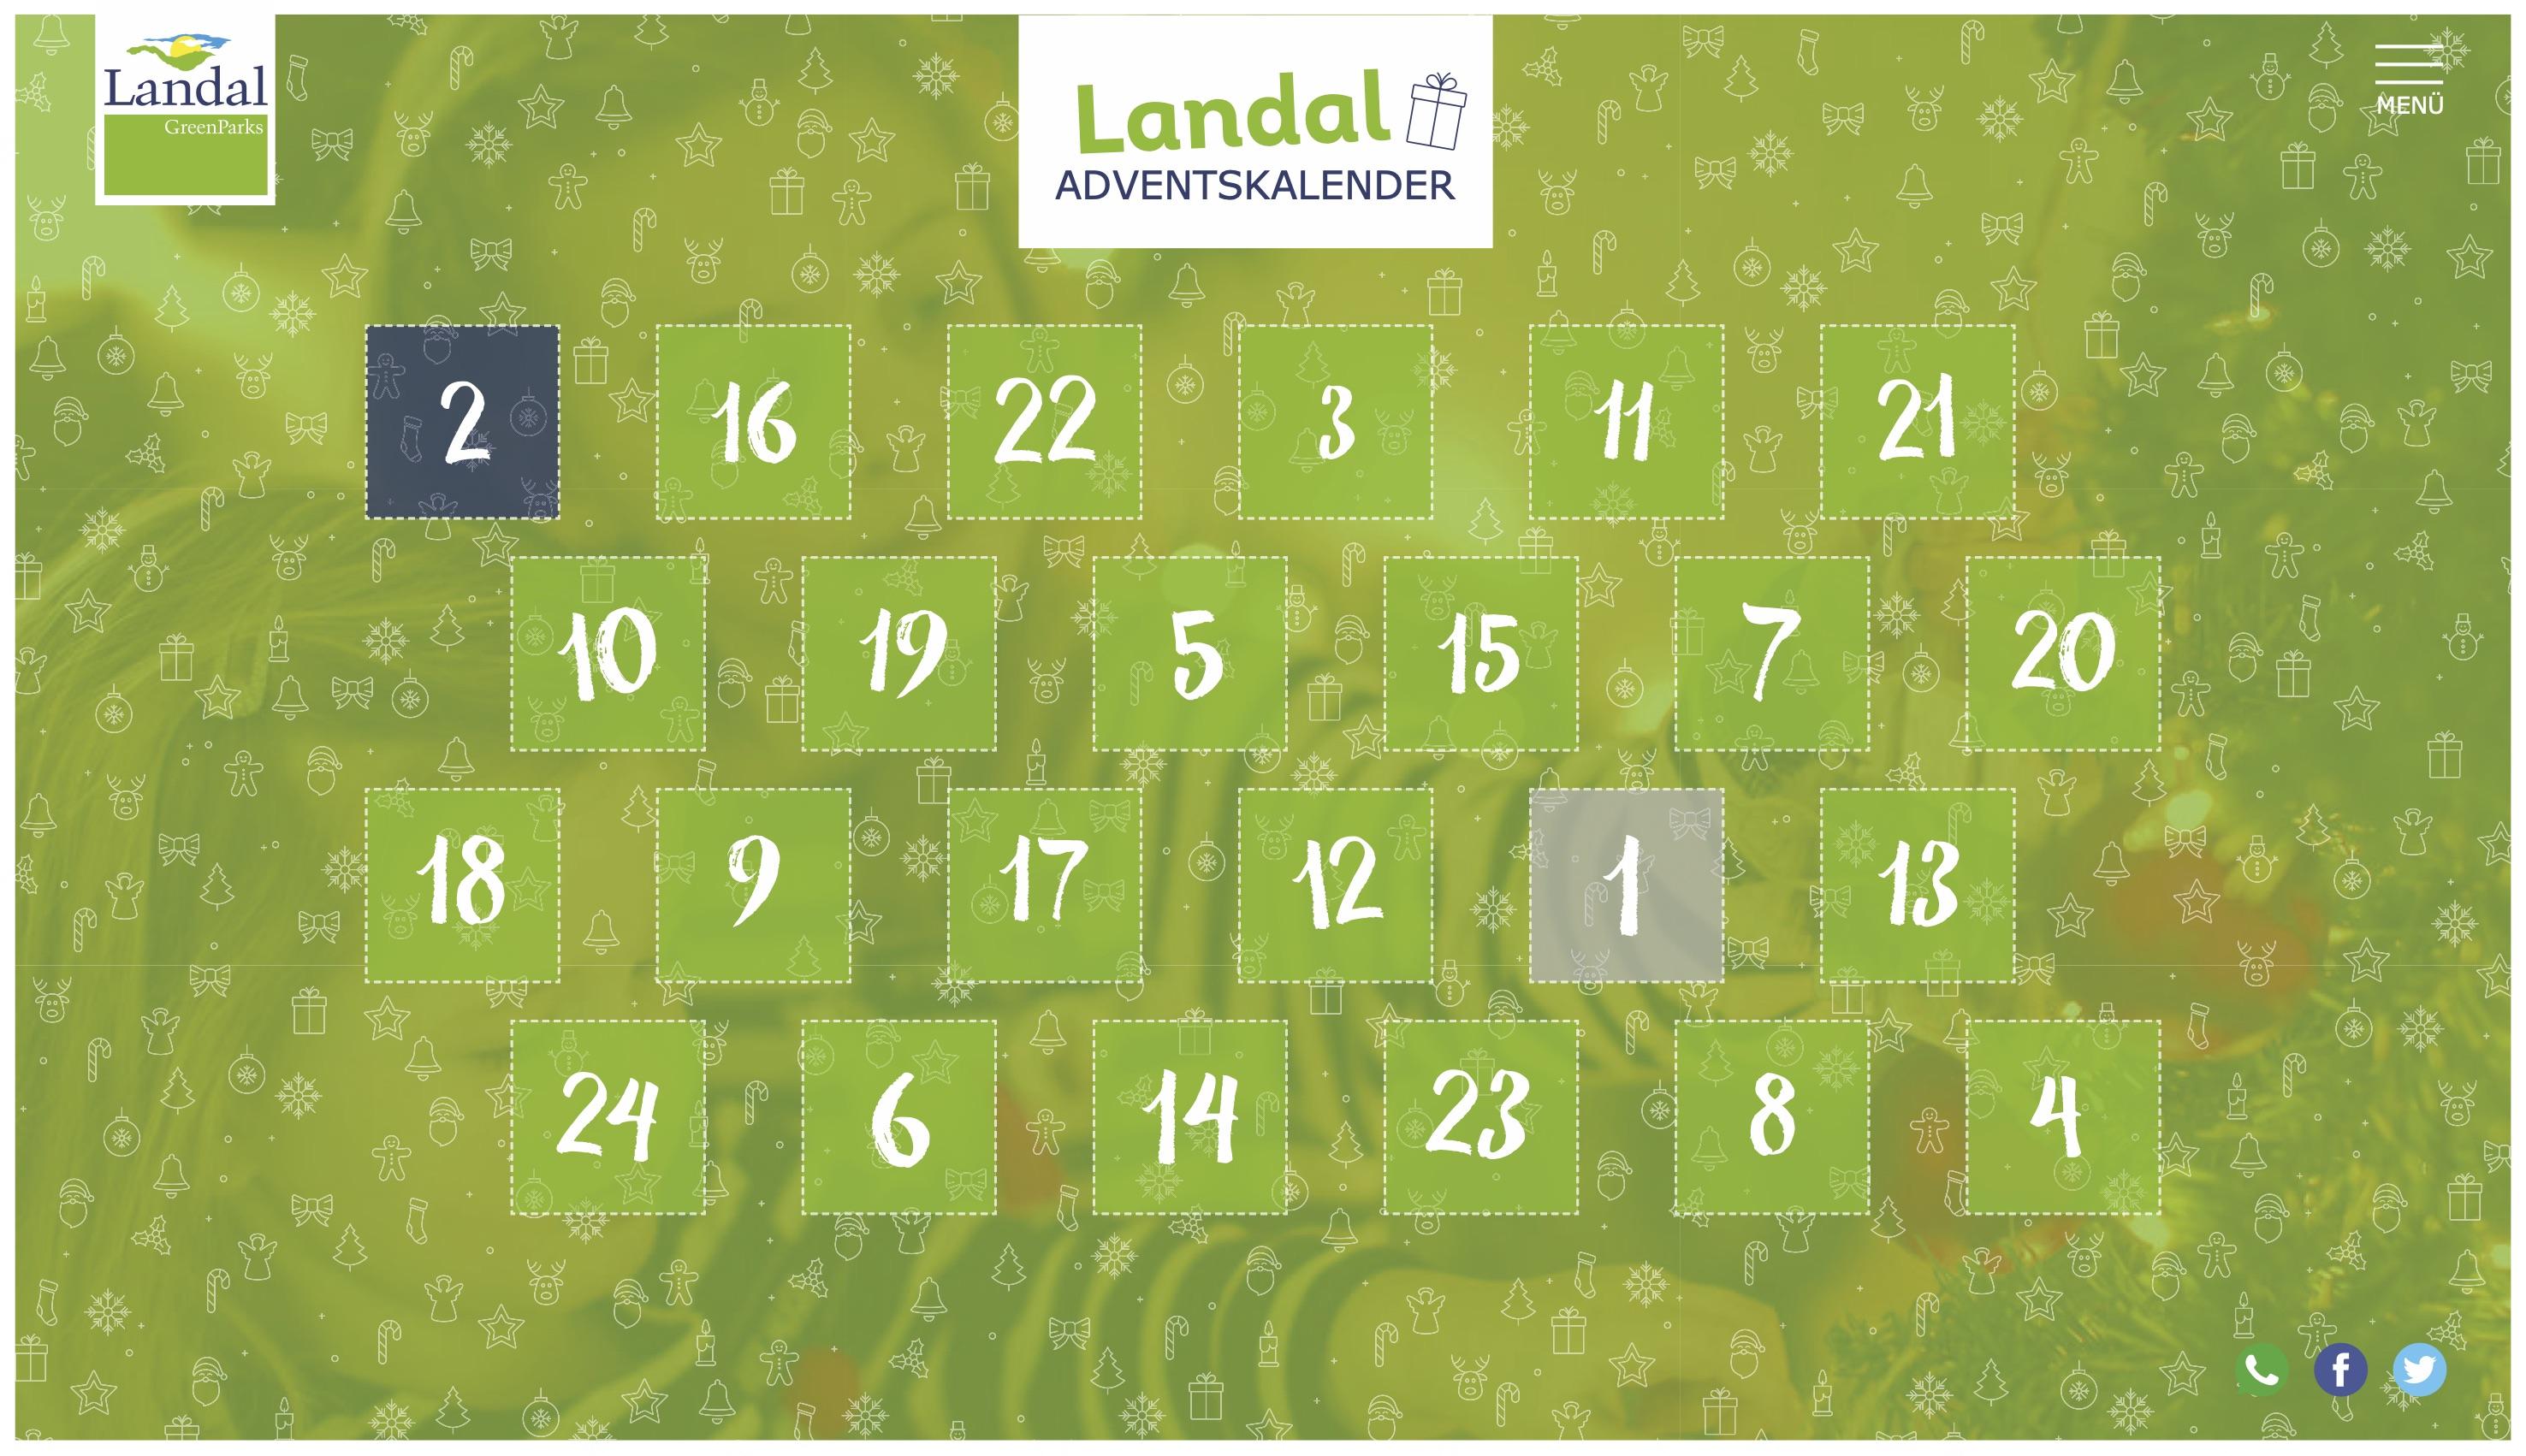 Online Adventskalender - Landal GreenParks - 2018